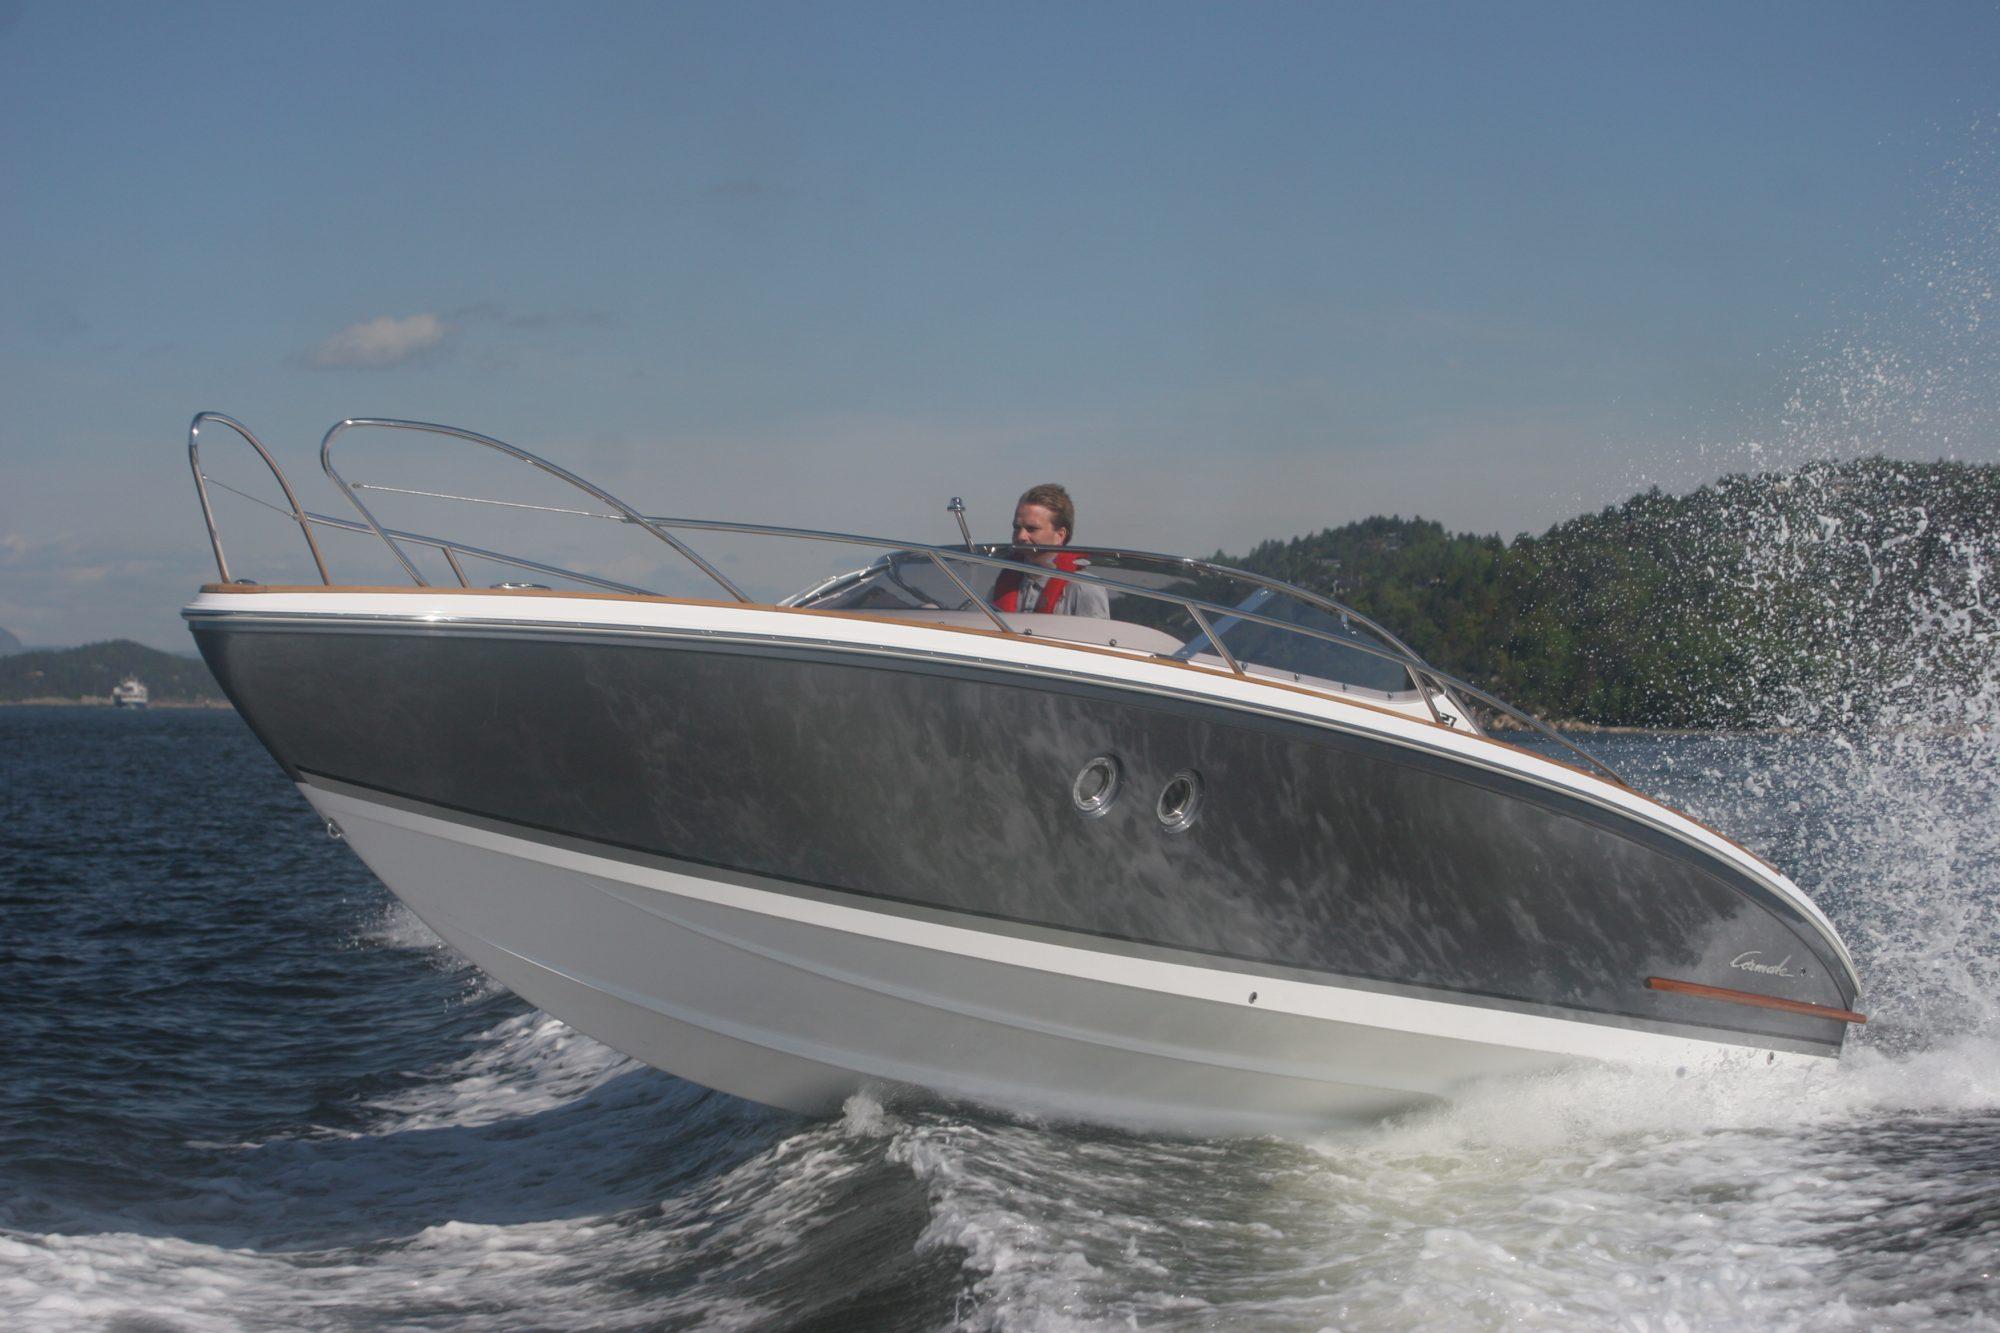 Blank båt under hela säsongen